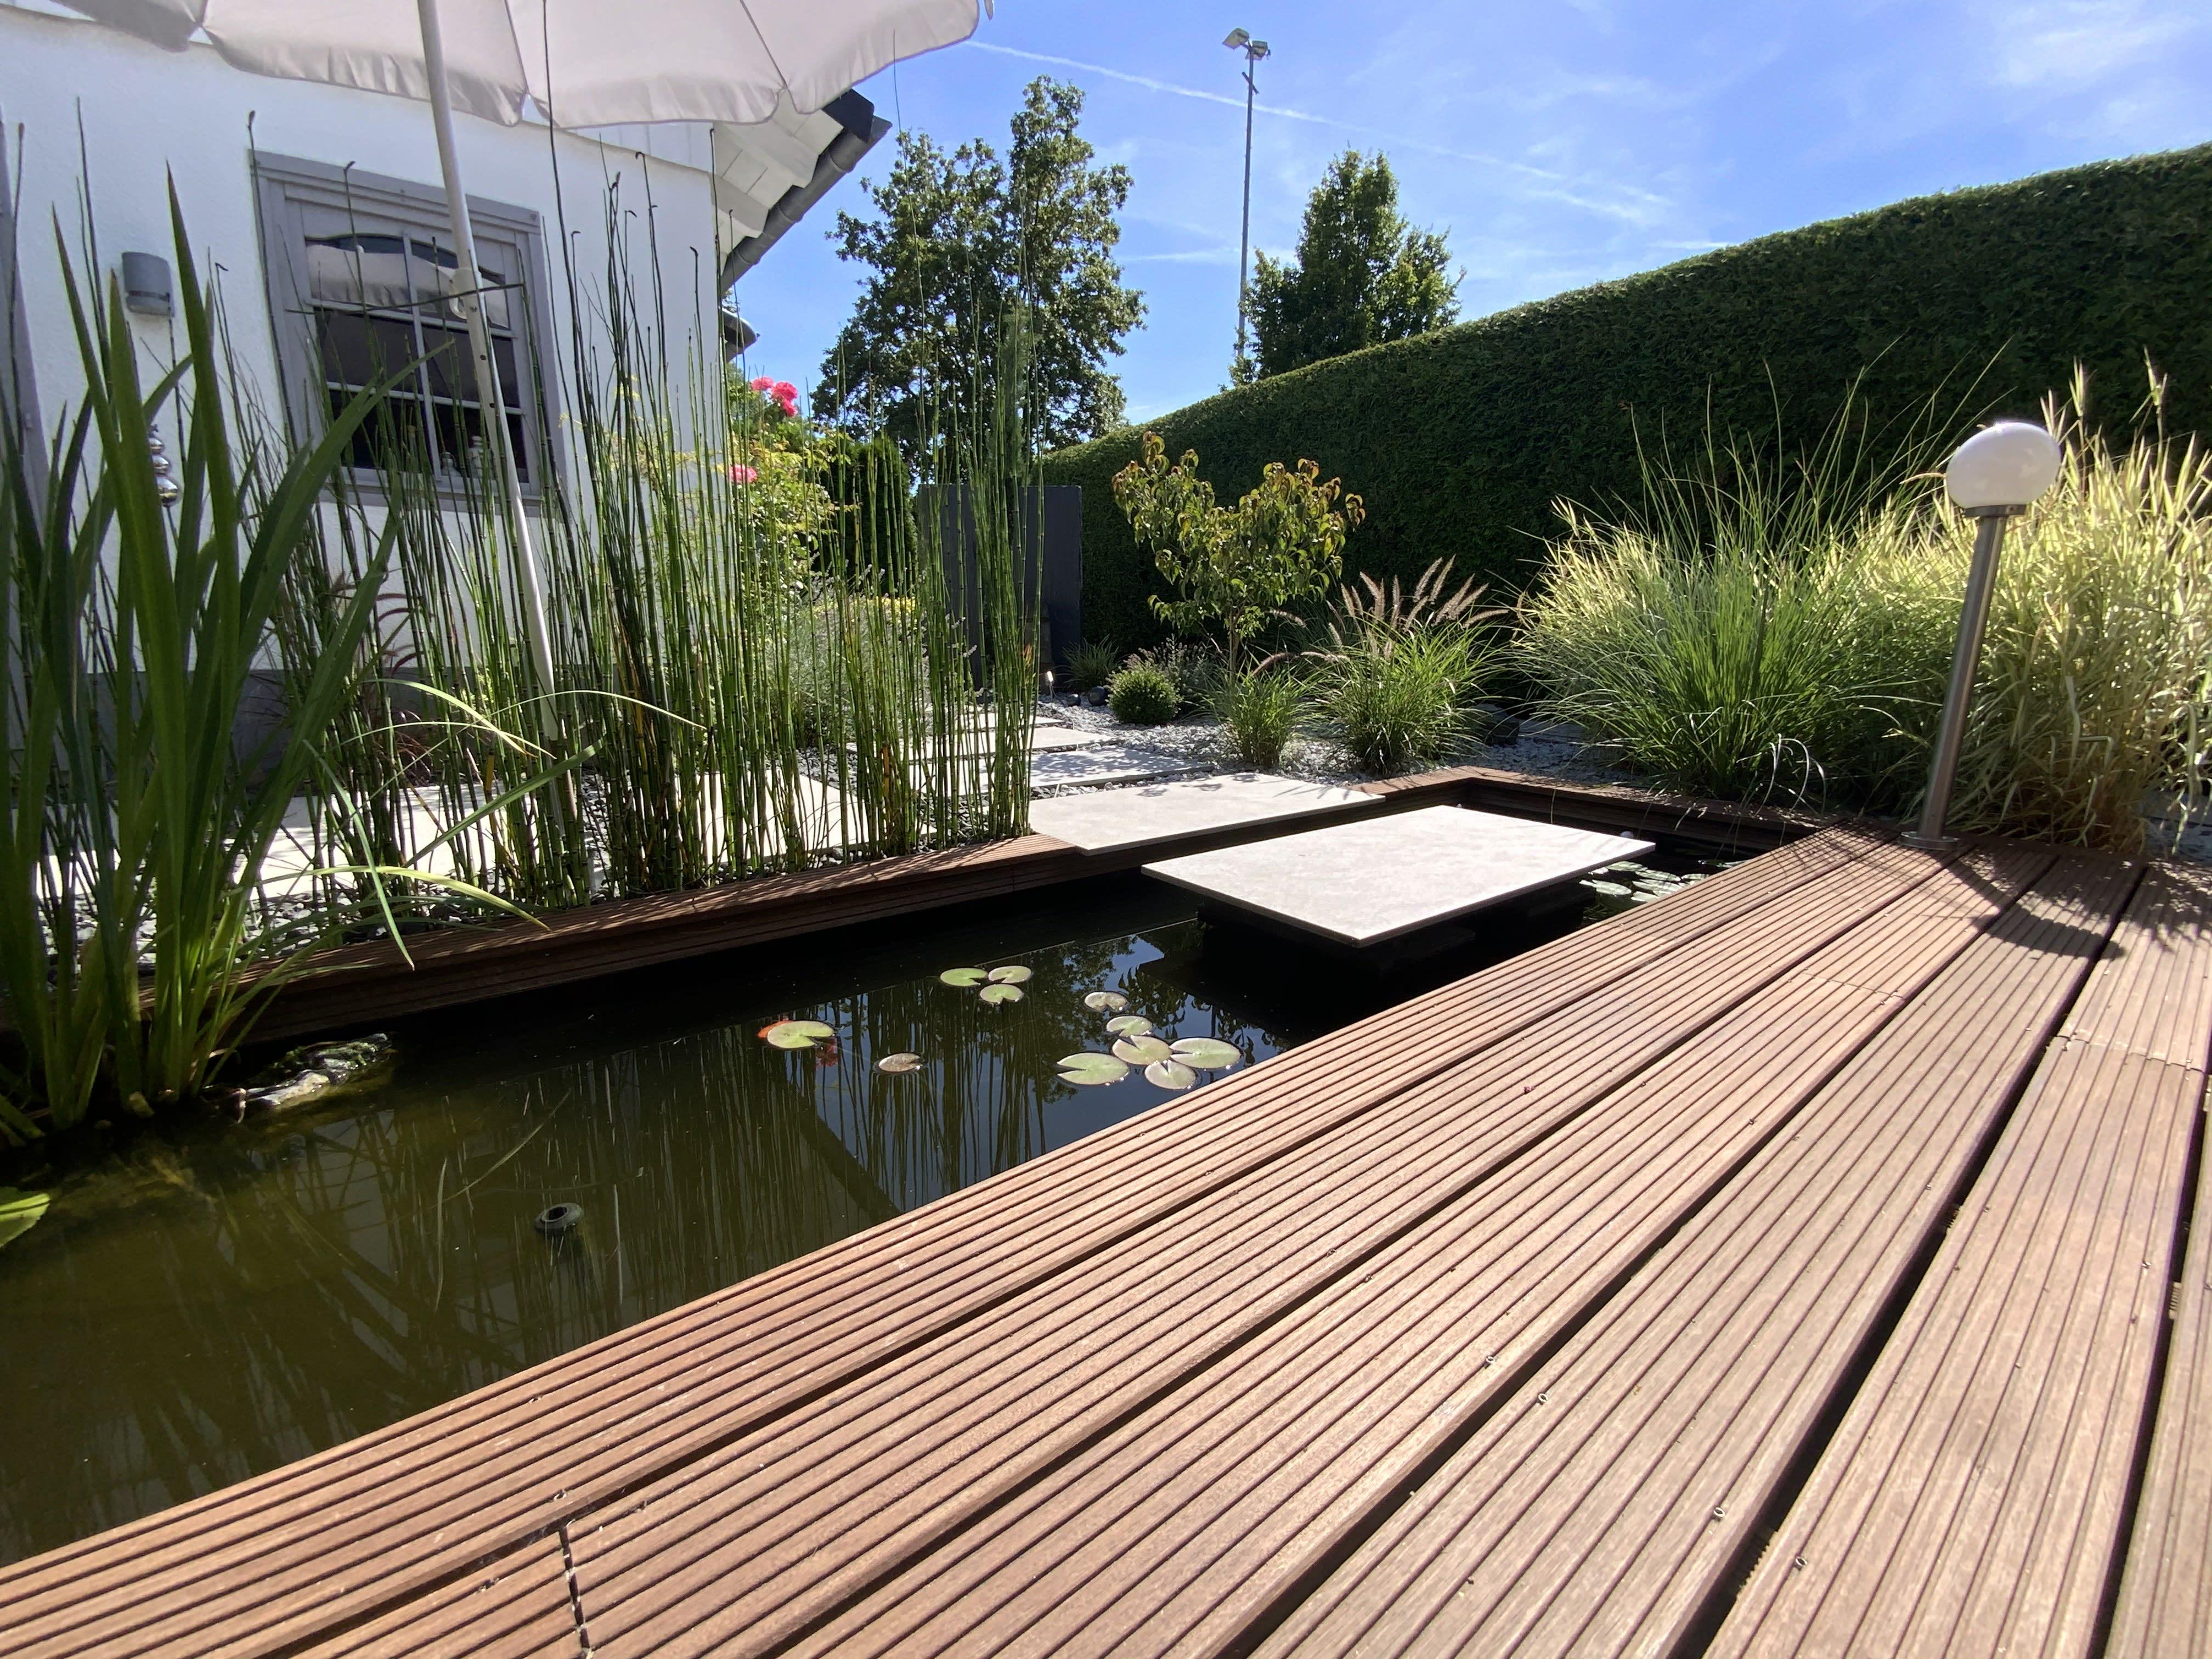 Garten mit Teich und Holzterrasse